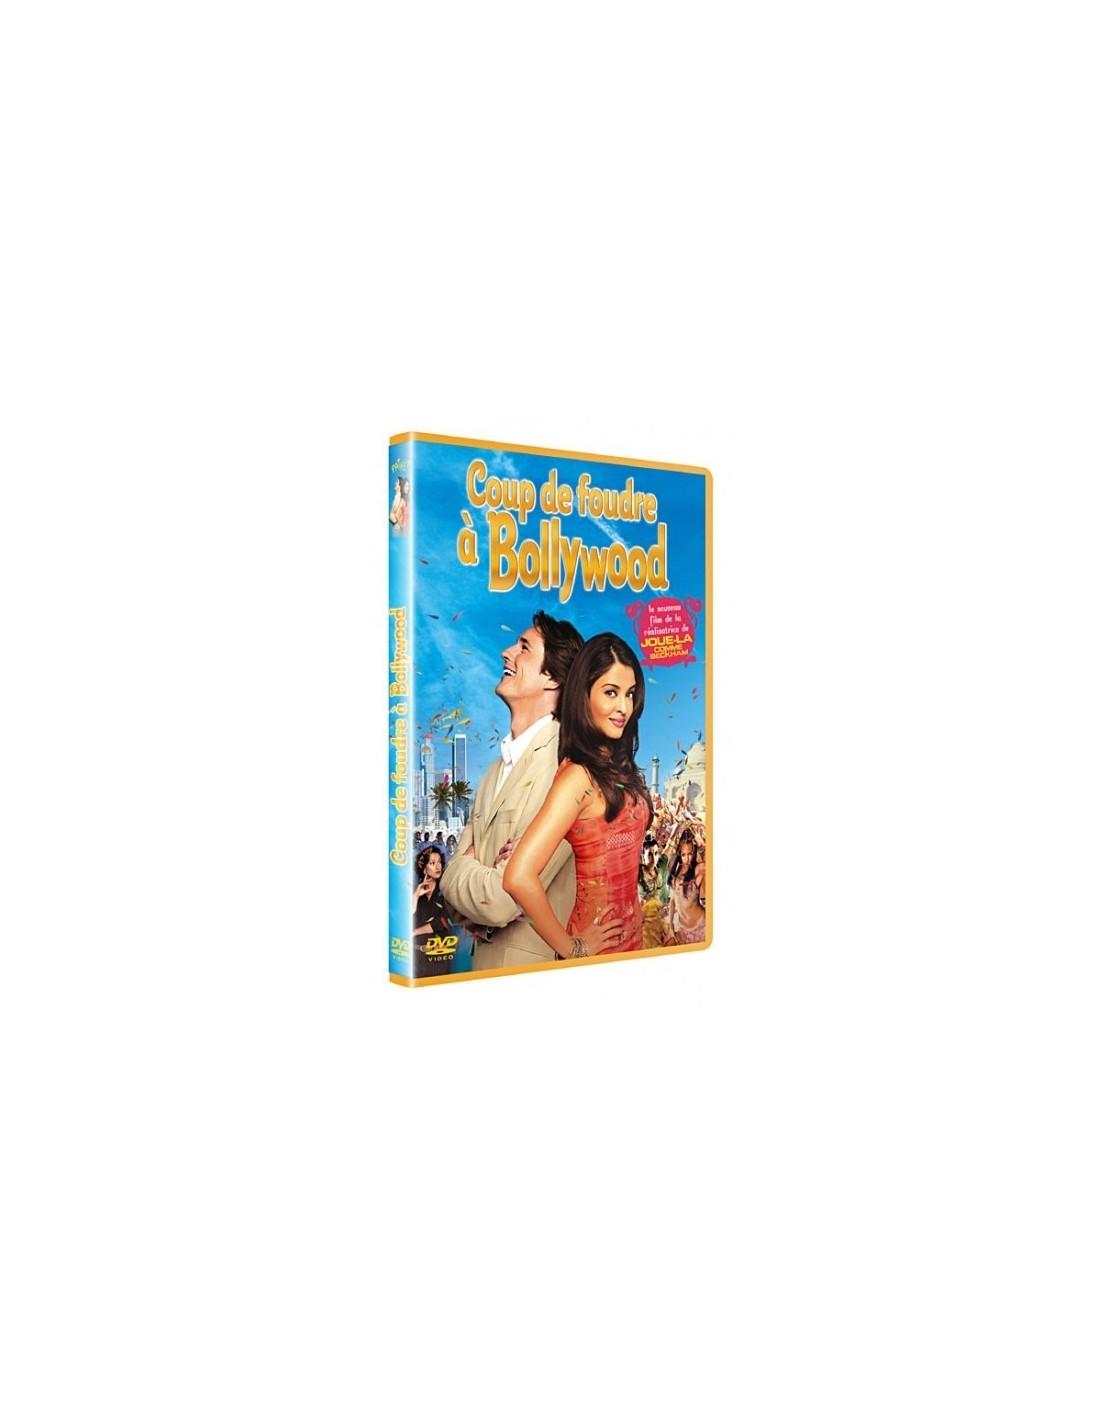 Coup de foudre bollywood dvd - Coup de foudre en normandie ...